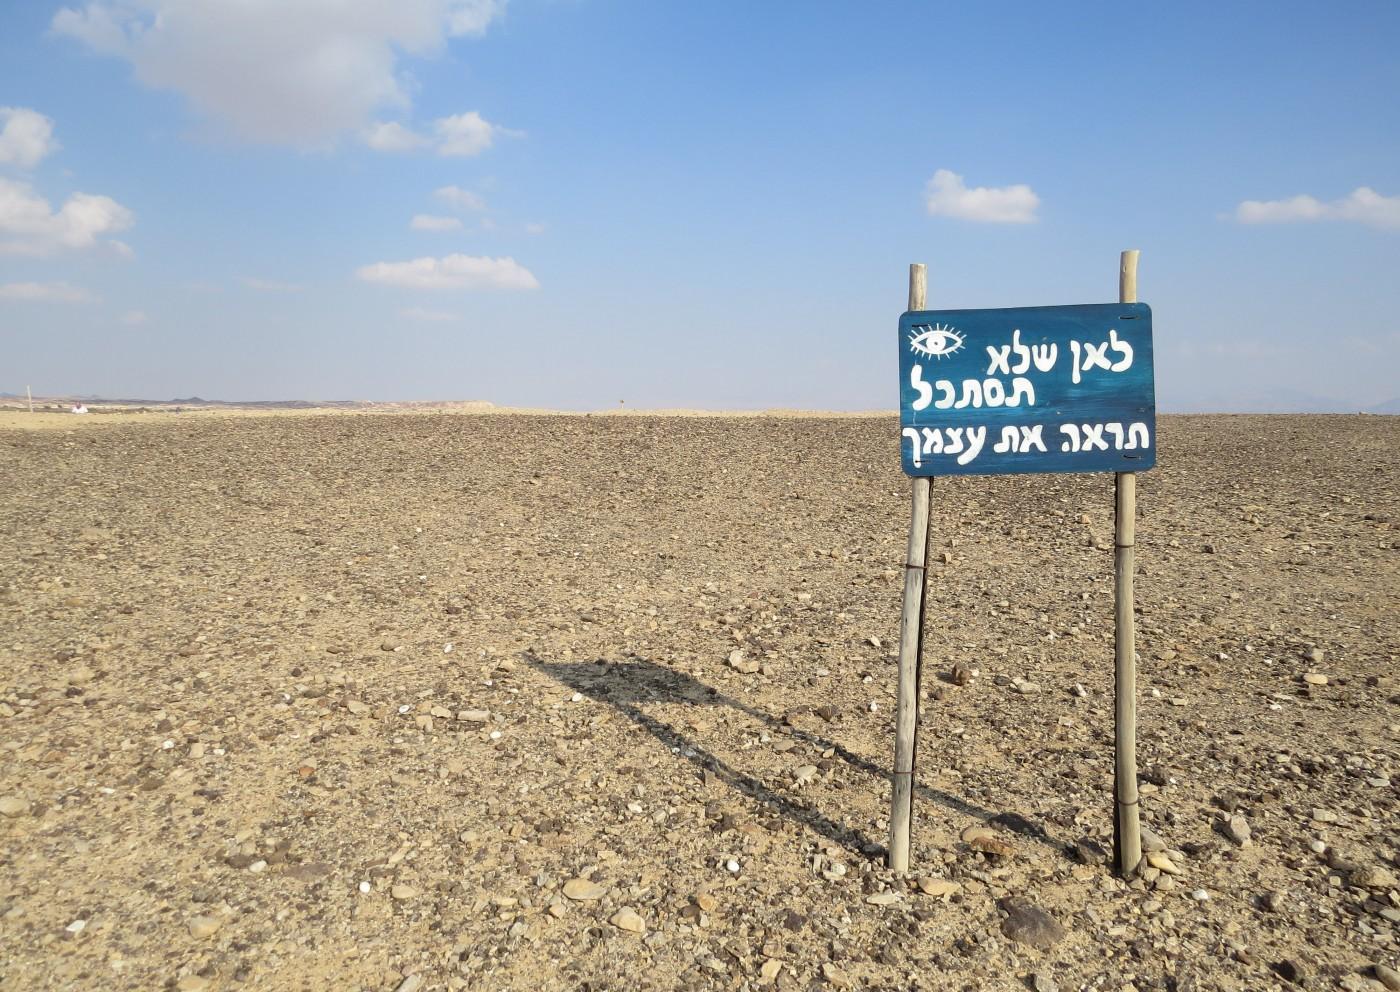 שלט באשרם במדבר